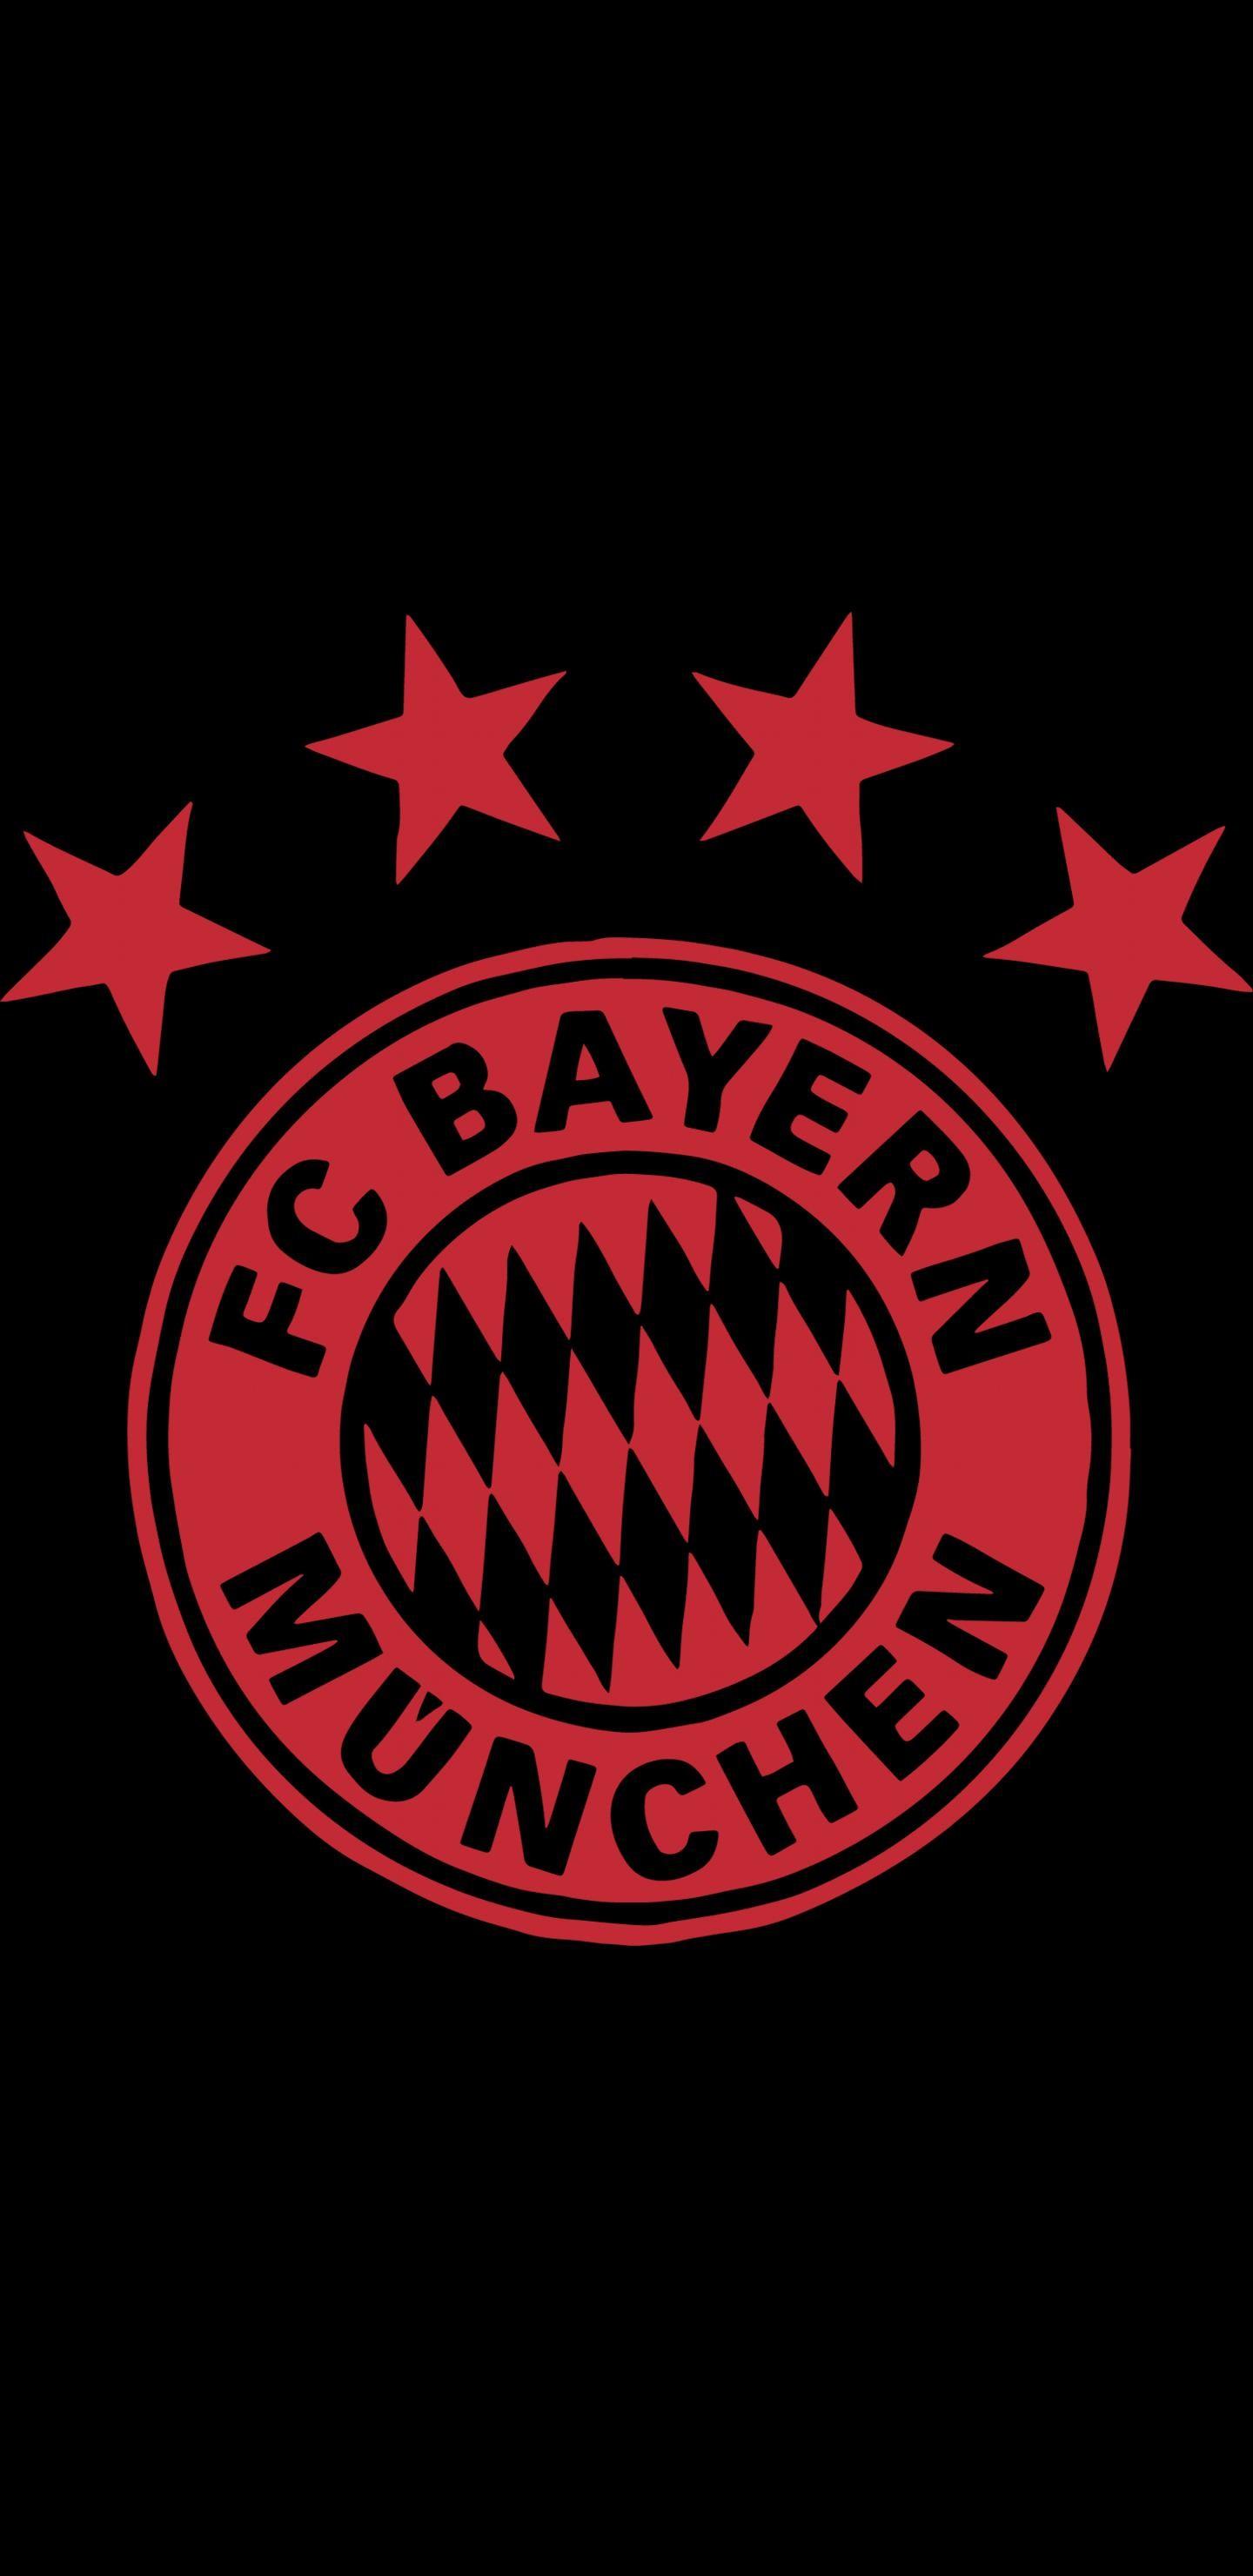 Samsung S8 3d Wallpaper Download Bayern Munich Logo Wallpaper 73 Images